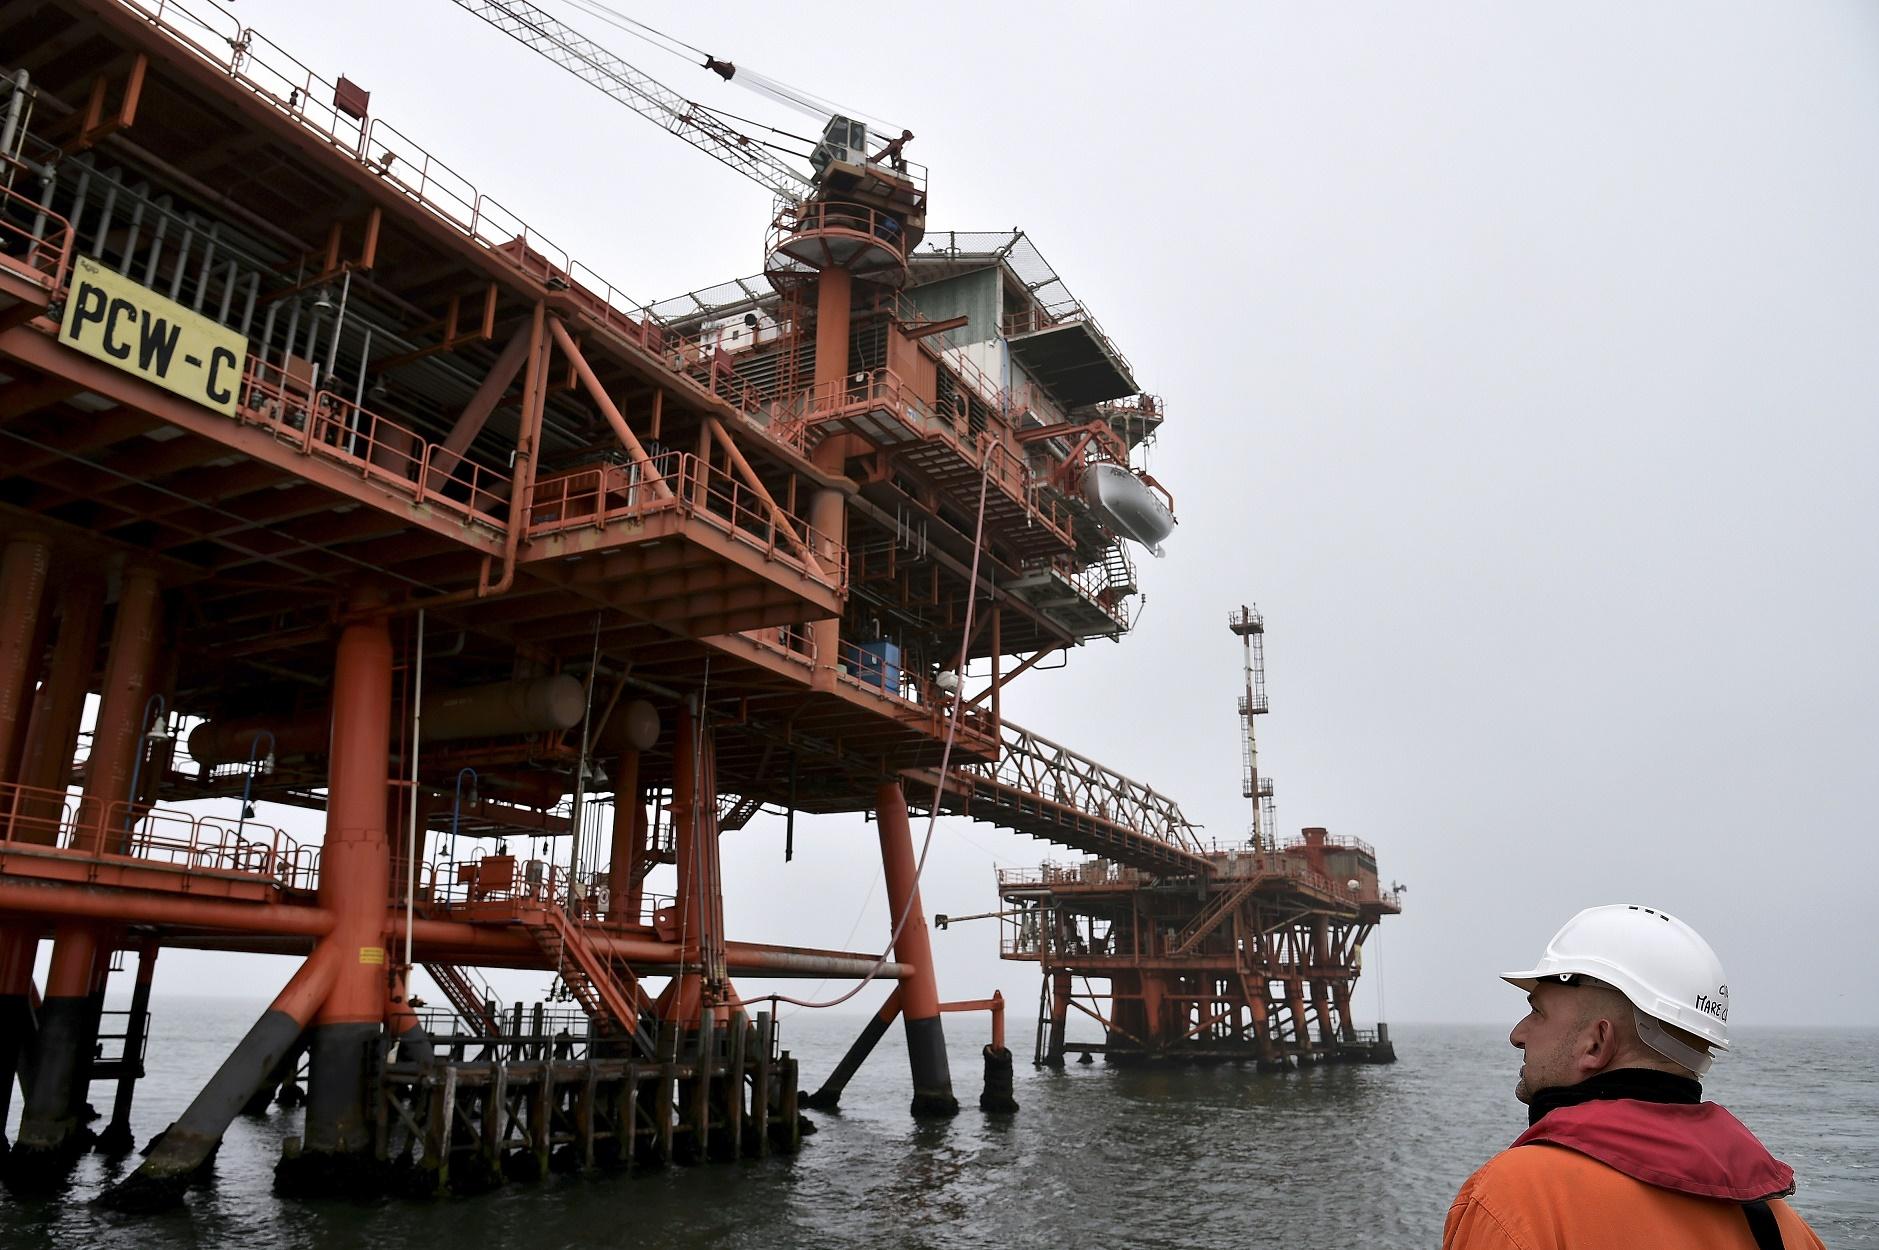 Em 2010, a ministra do Ambiente Stefania Prestigiacomo, proibiu atividades petrolíferas na costa do país, aumentando o limite de 5 para 12 milhas. O decreto, porém, foi cancelado dois anos mais tarde